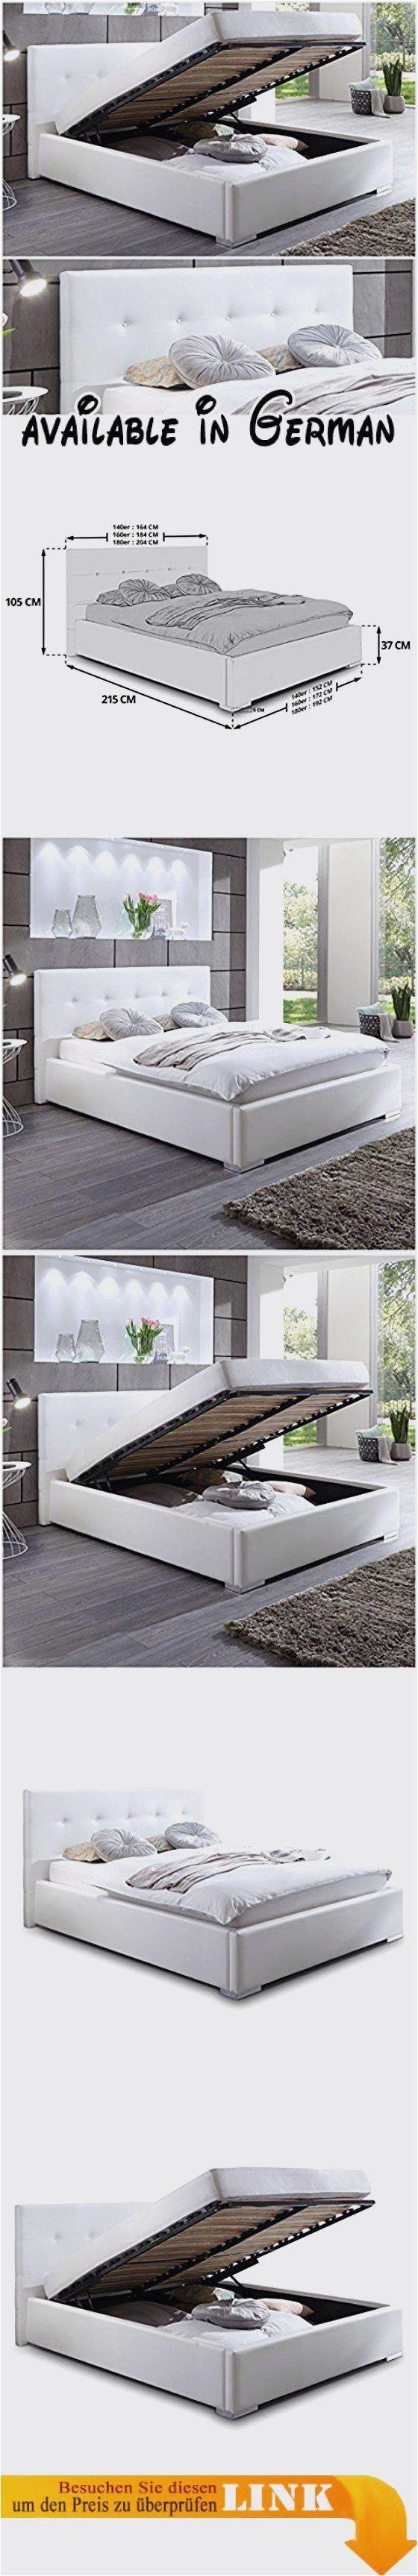 tete de lit 160 ikea meilleur de lit 160 cm 23 160 cm bett. Black Bedroom Furniture Sets. Home Design Ideas